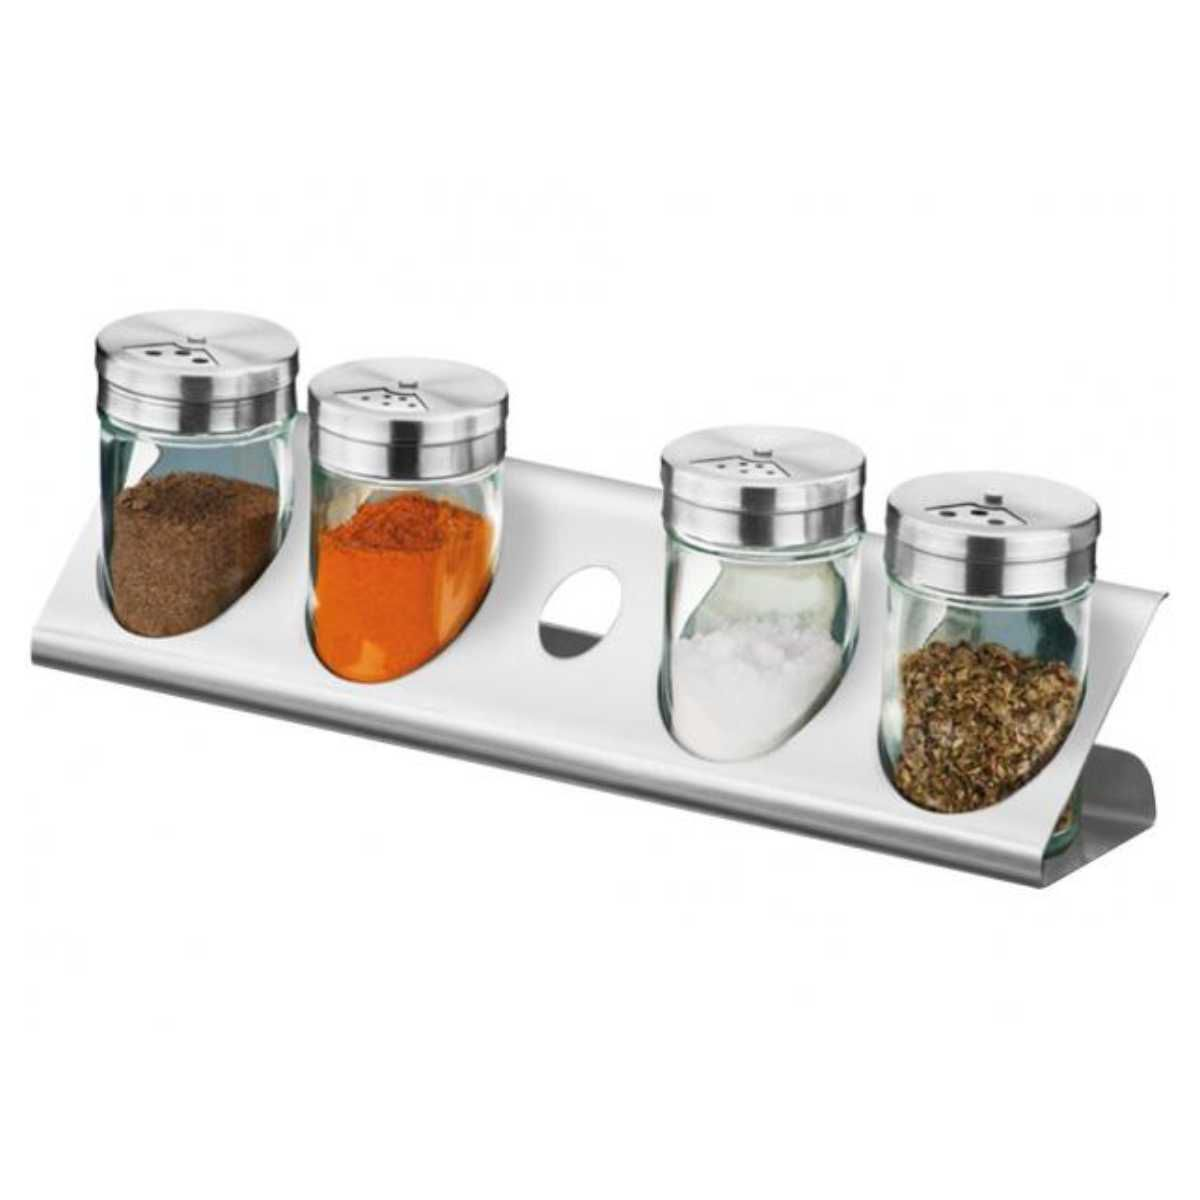 Porta Condimentos / Temperos com Suporte 5 Pecas em Vidro e ACO INOX Brinox Parma 1576/100